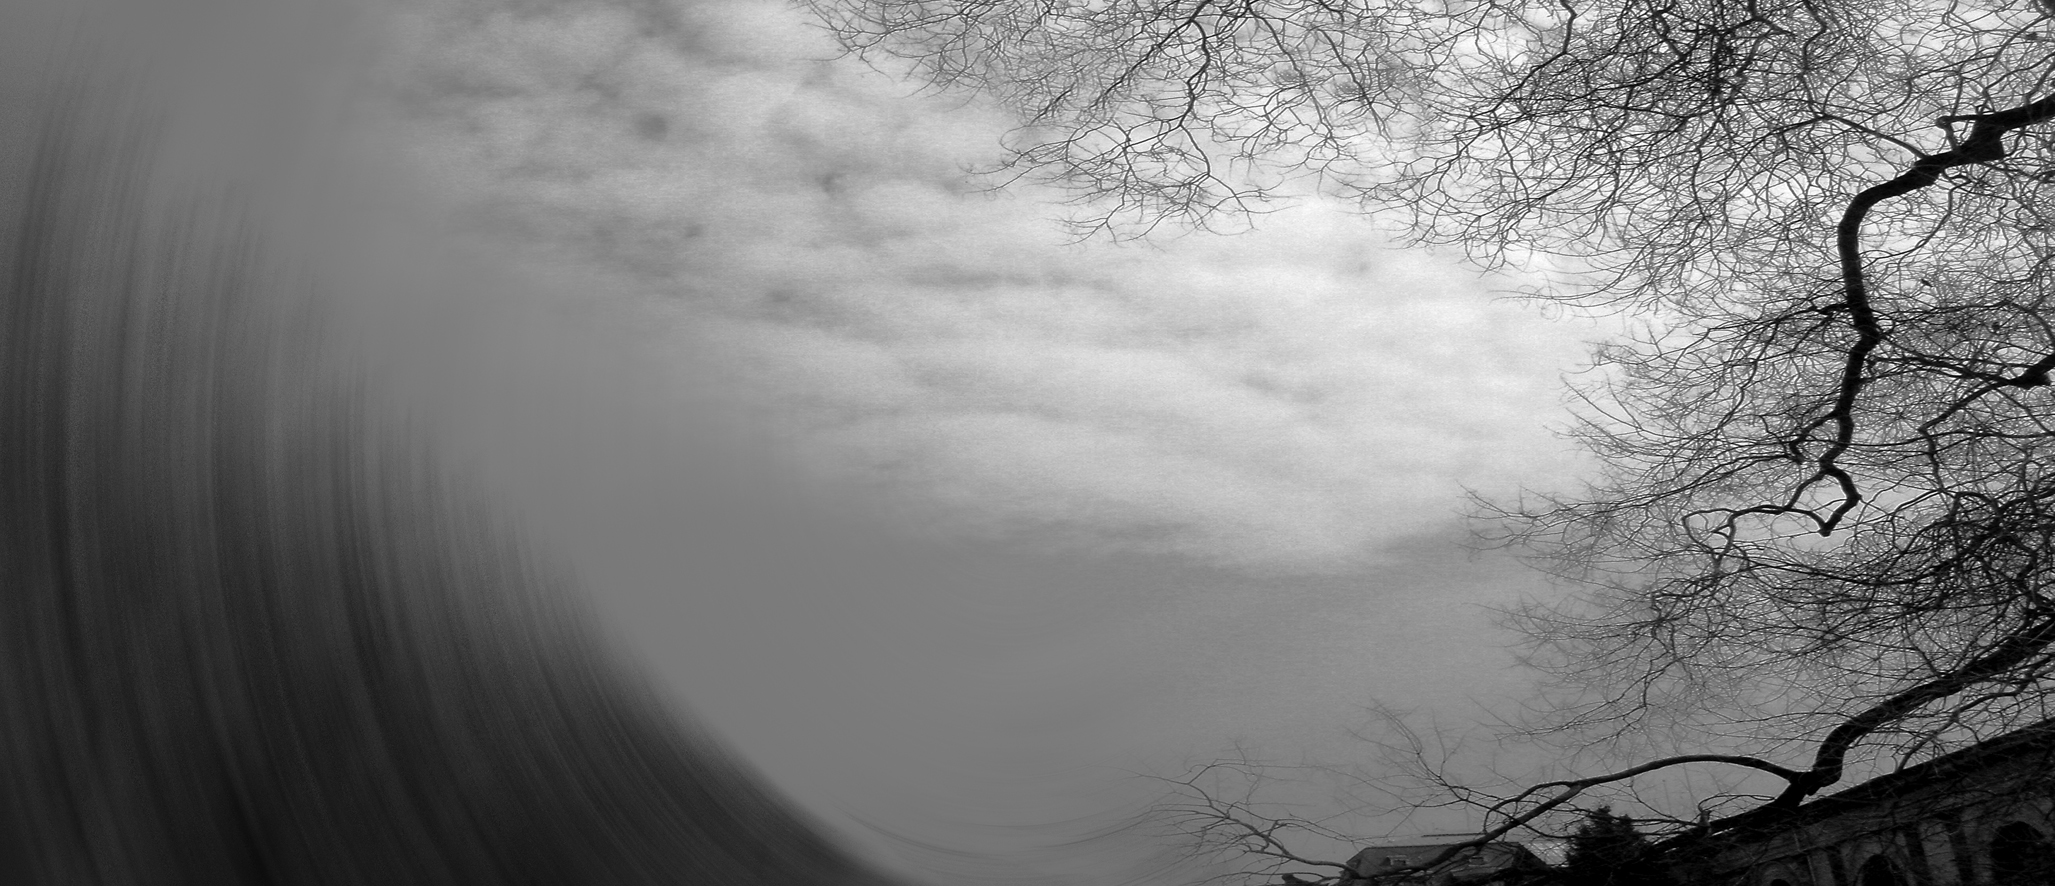 M Arbol III Fotografia digitalizada 70cm x 162cm Zulema Maza.jpg